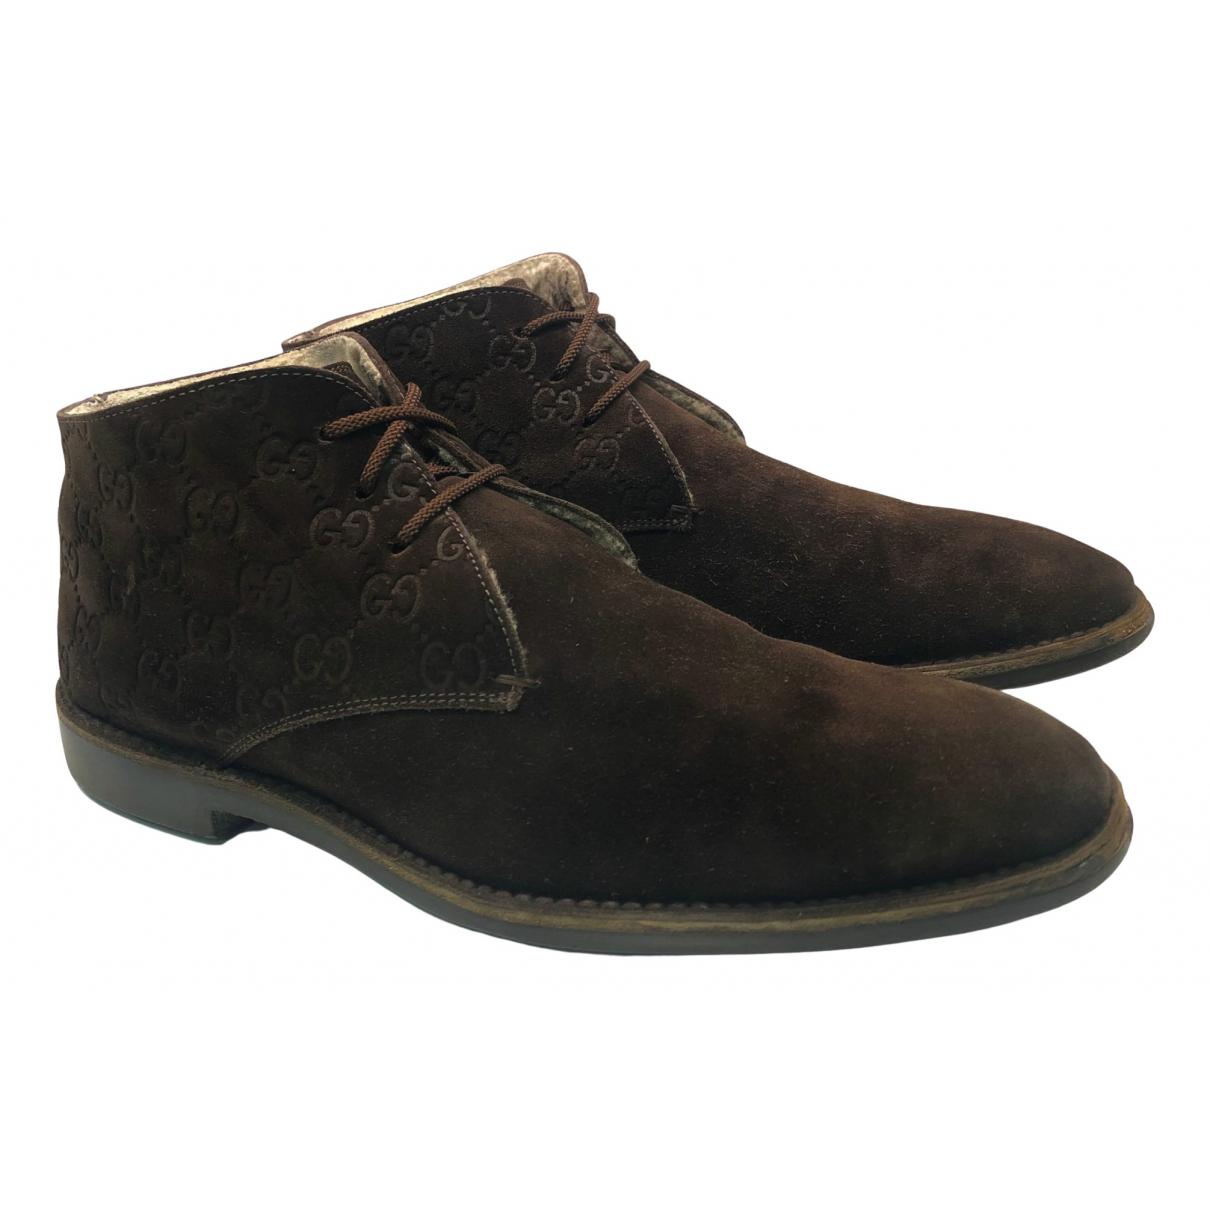 Gucci - Bottes.Boots   pour homme en suede - marron